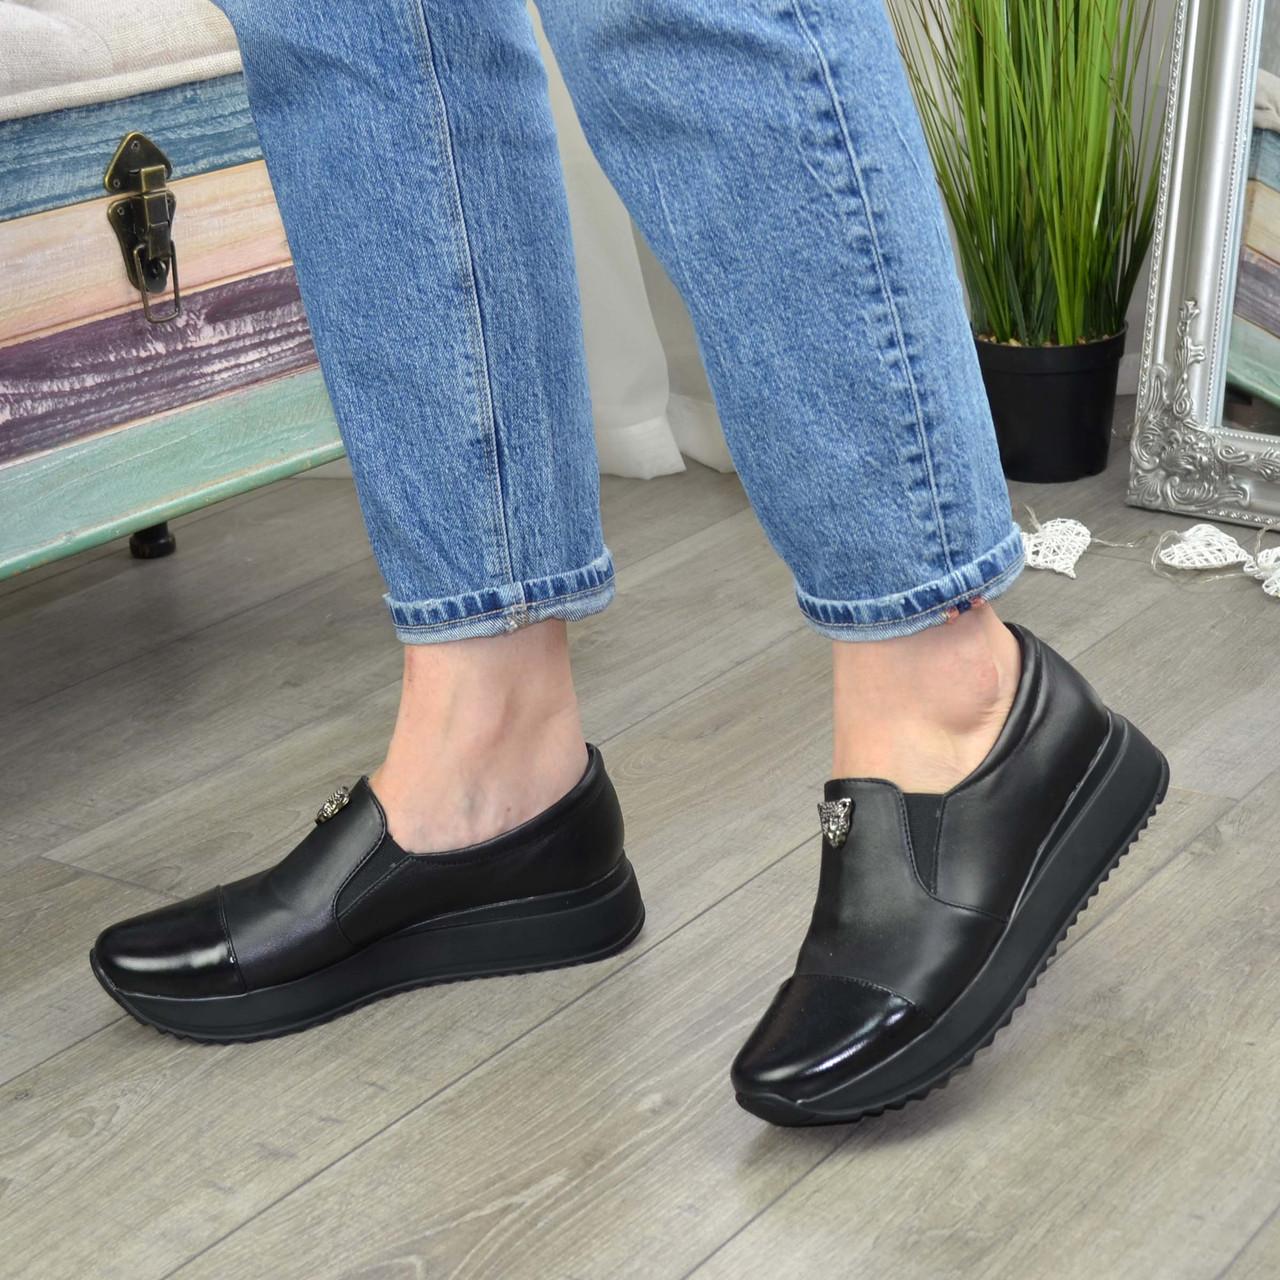 Женские туфли кожаные на утолщенной подошве